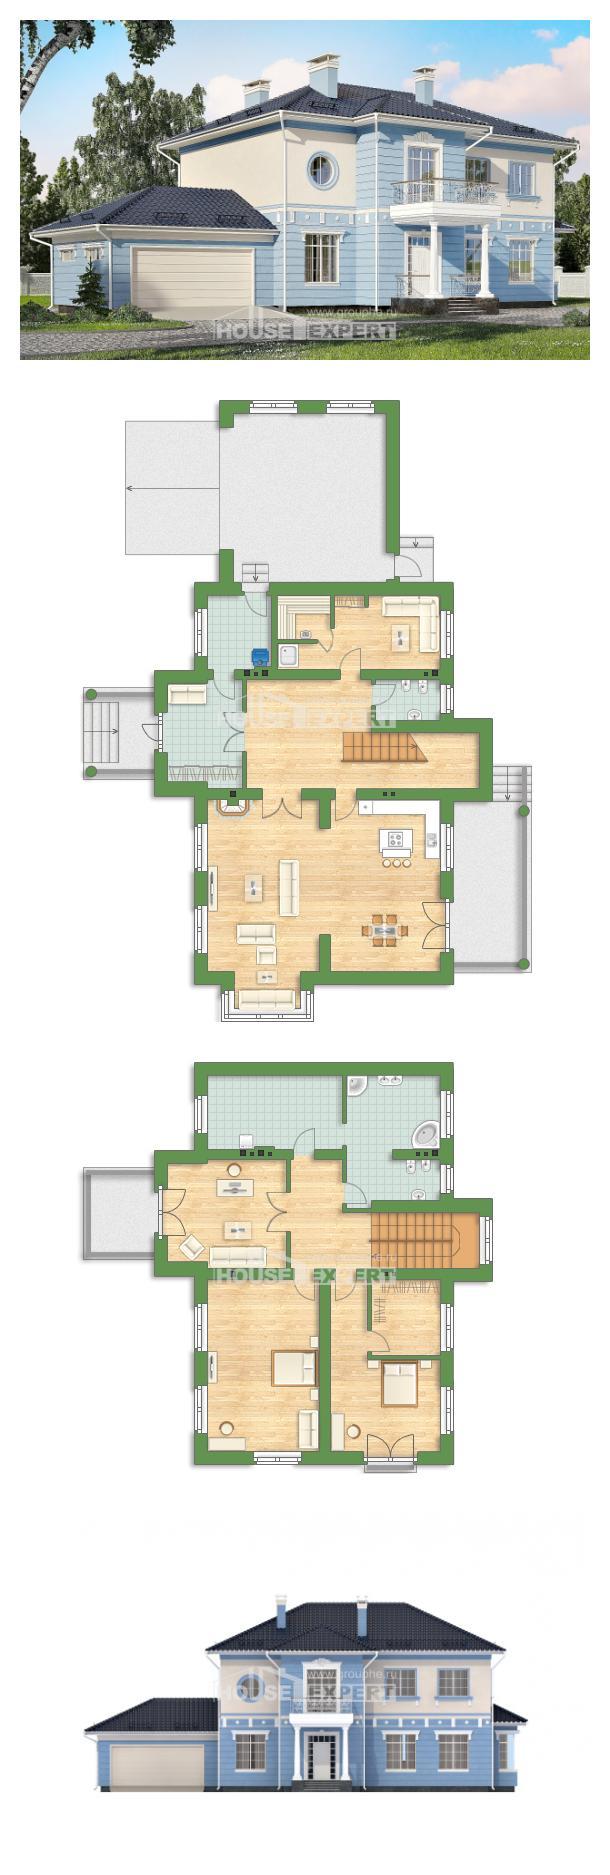 房子的设计 285-003-L | House Expert